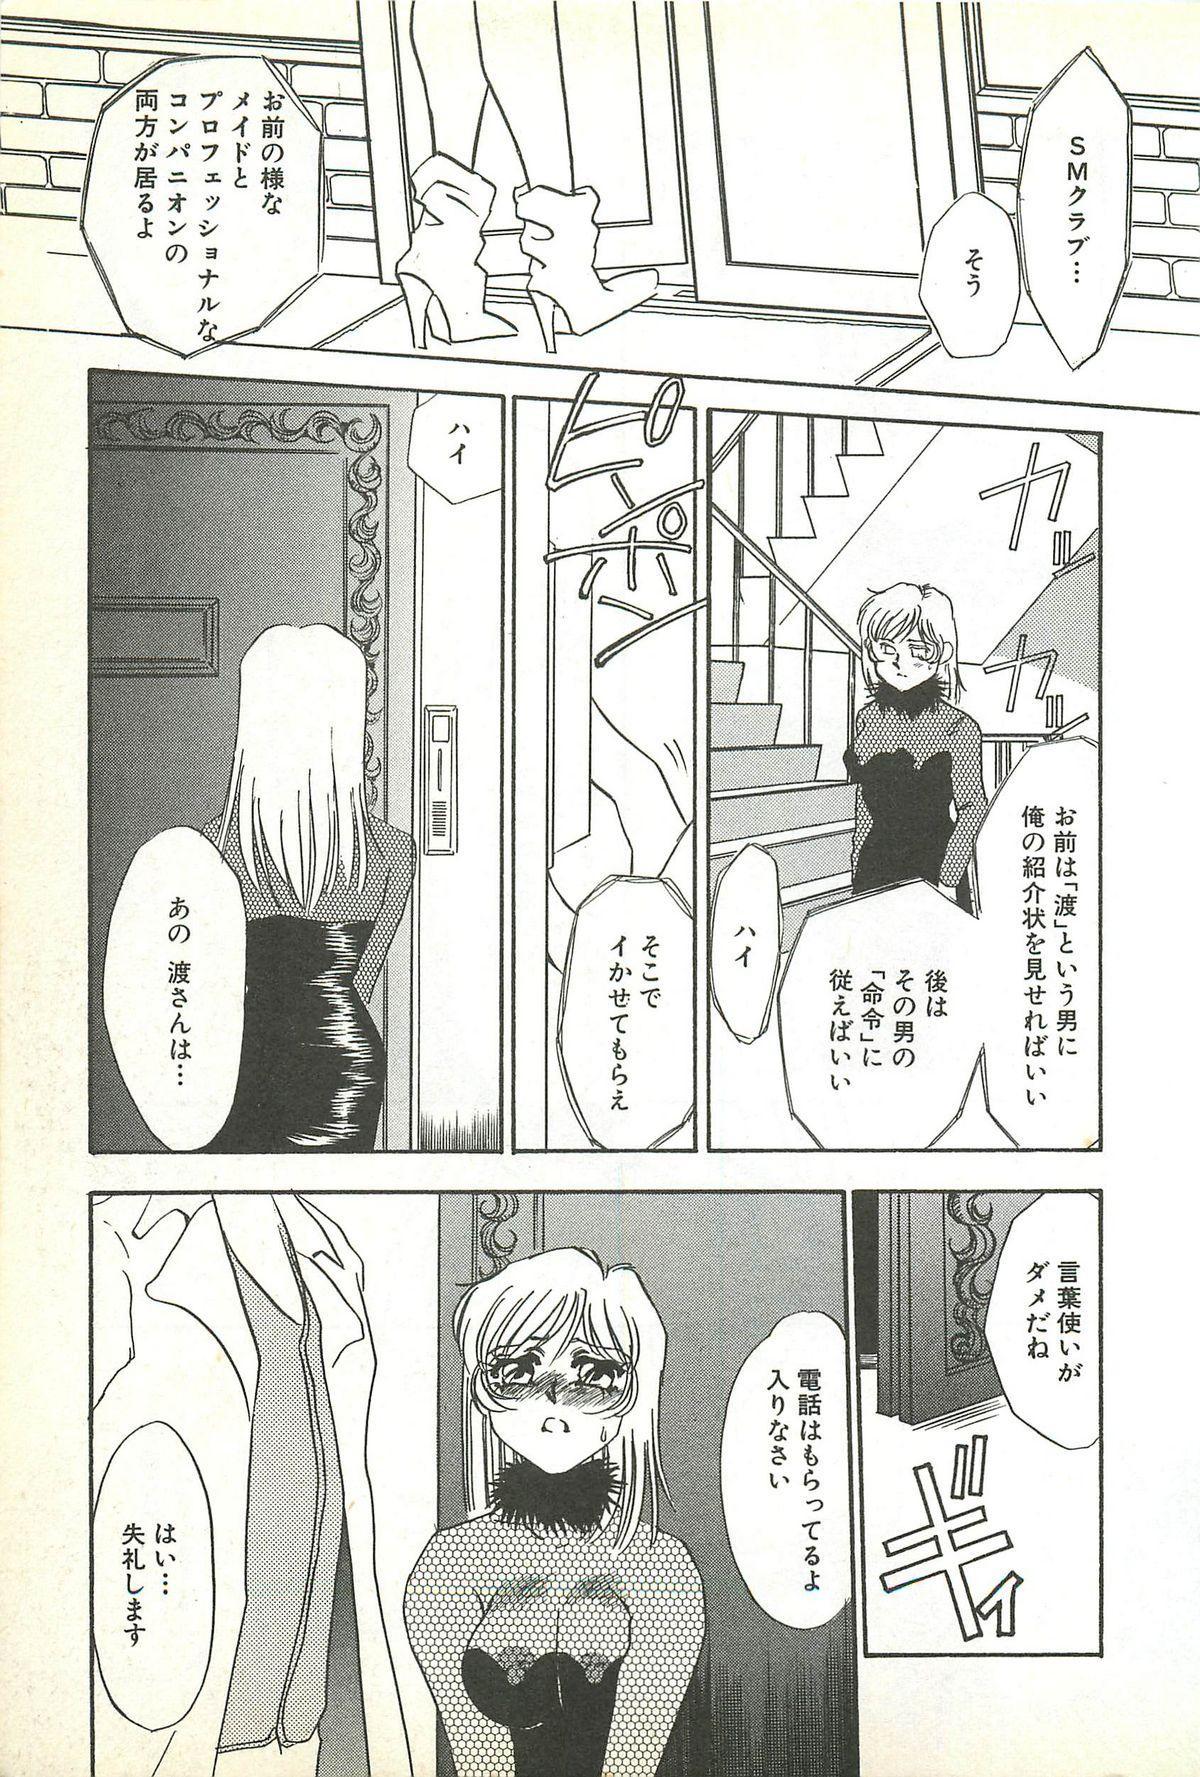 Chigyaku no Heya - A Shameful Punishment Room 59